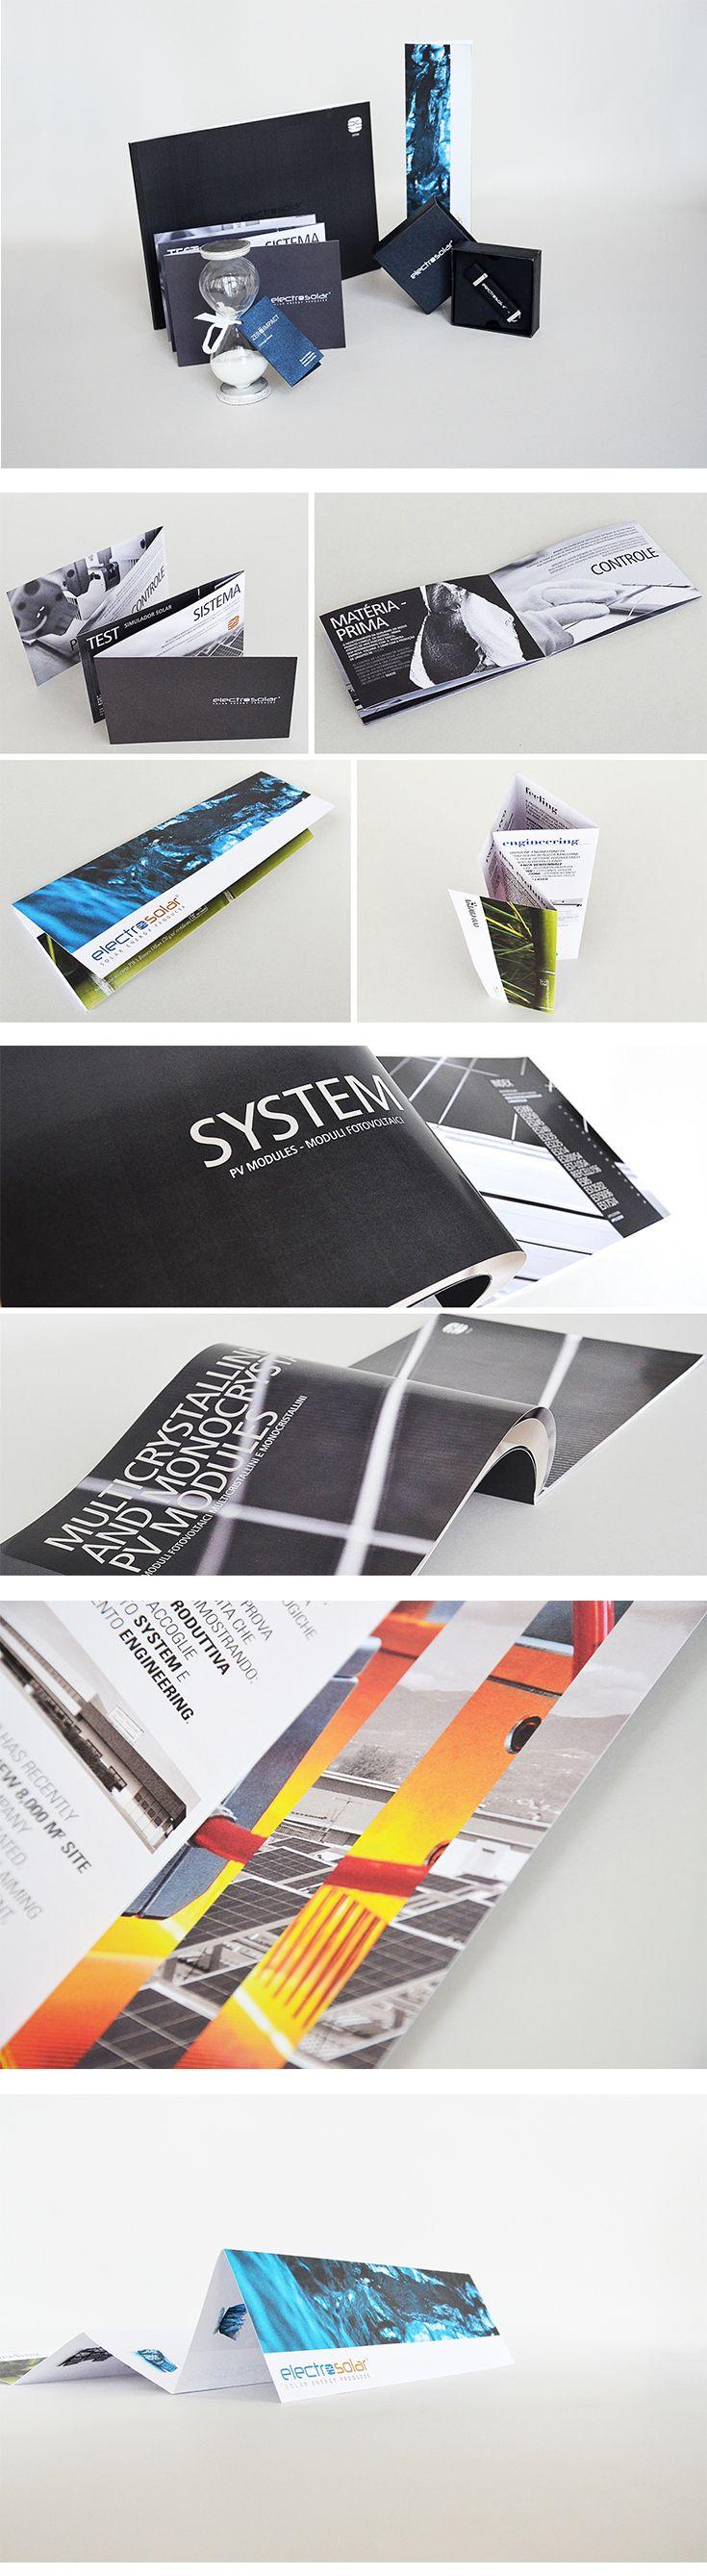 Electrosolar cataloghi e leaflet, un progetto #effADV - Electrosolar #printing, effADV project - #catalogue #print #leaflet